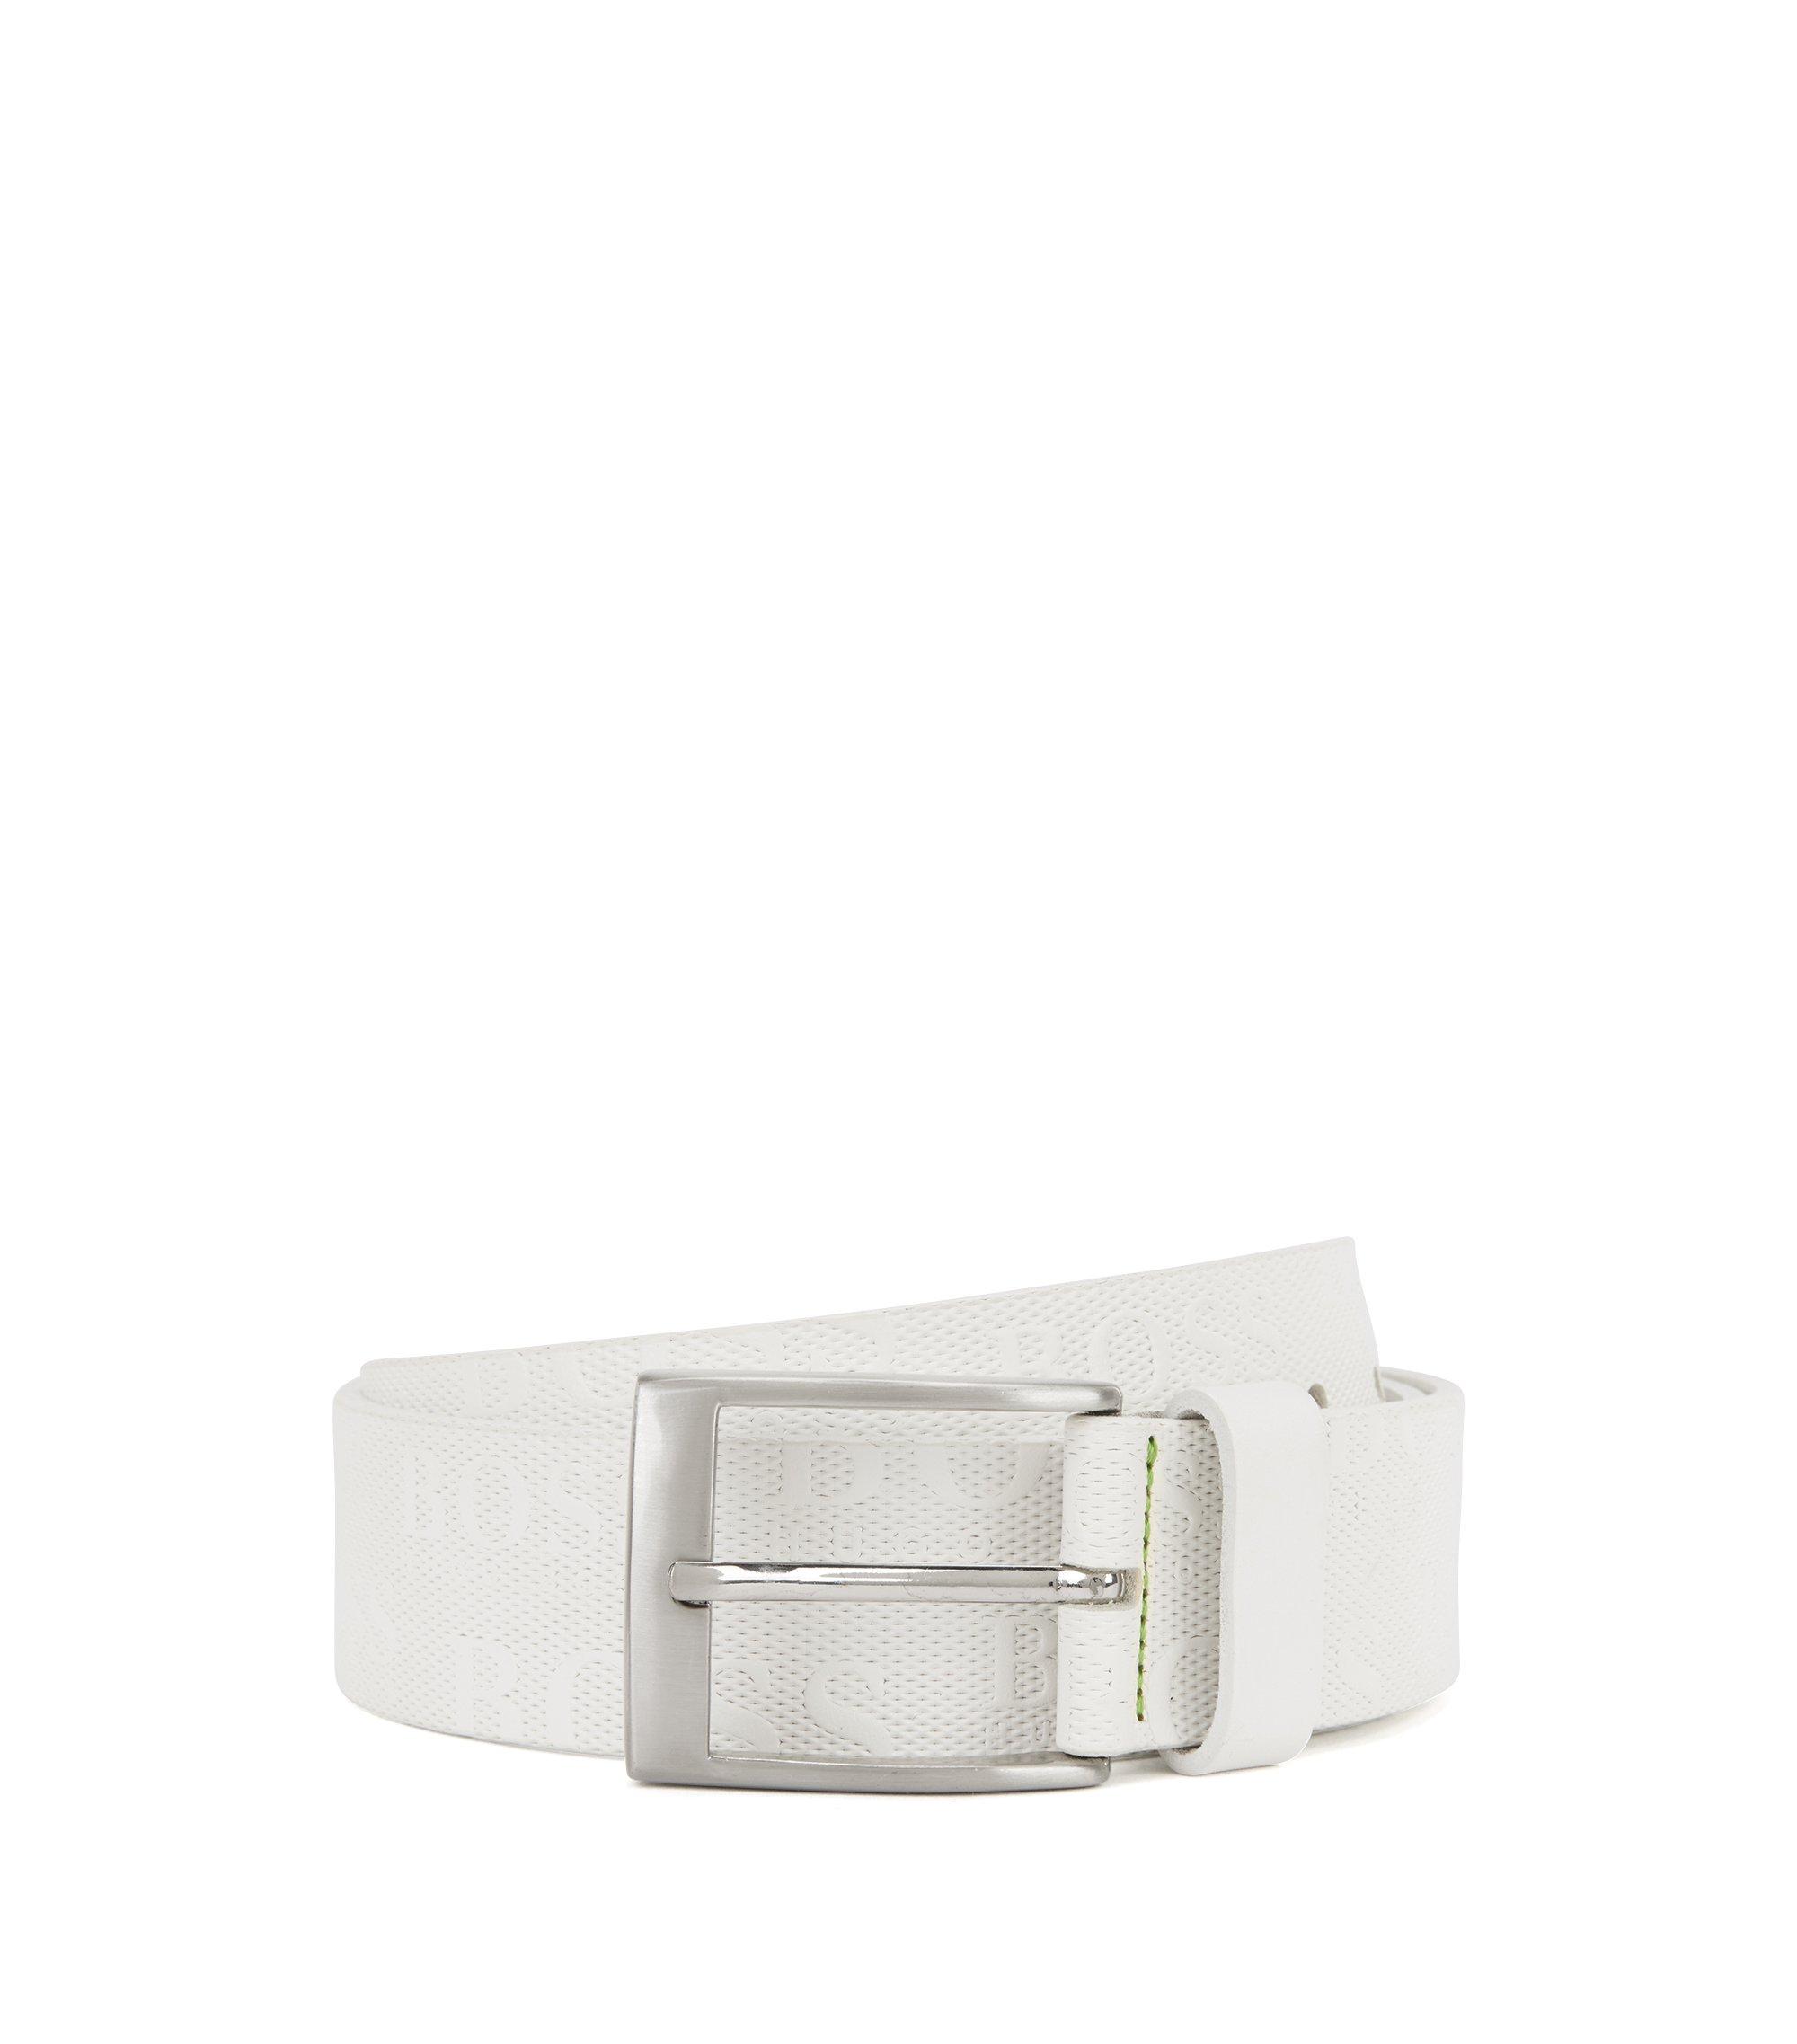 Cinturón de piel con logo repujado en la correa, Blanco